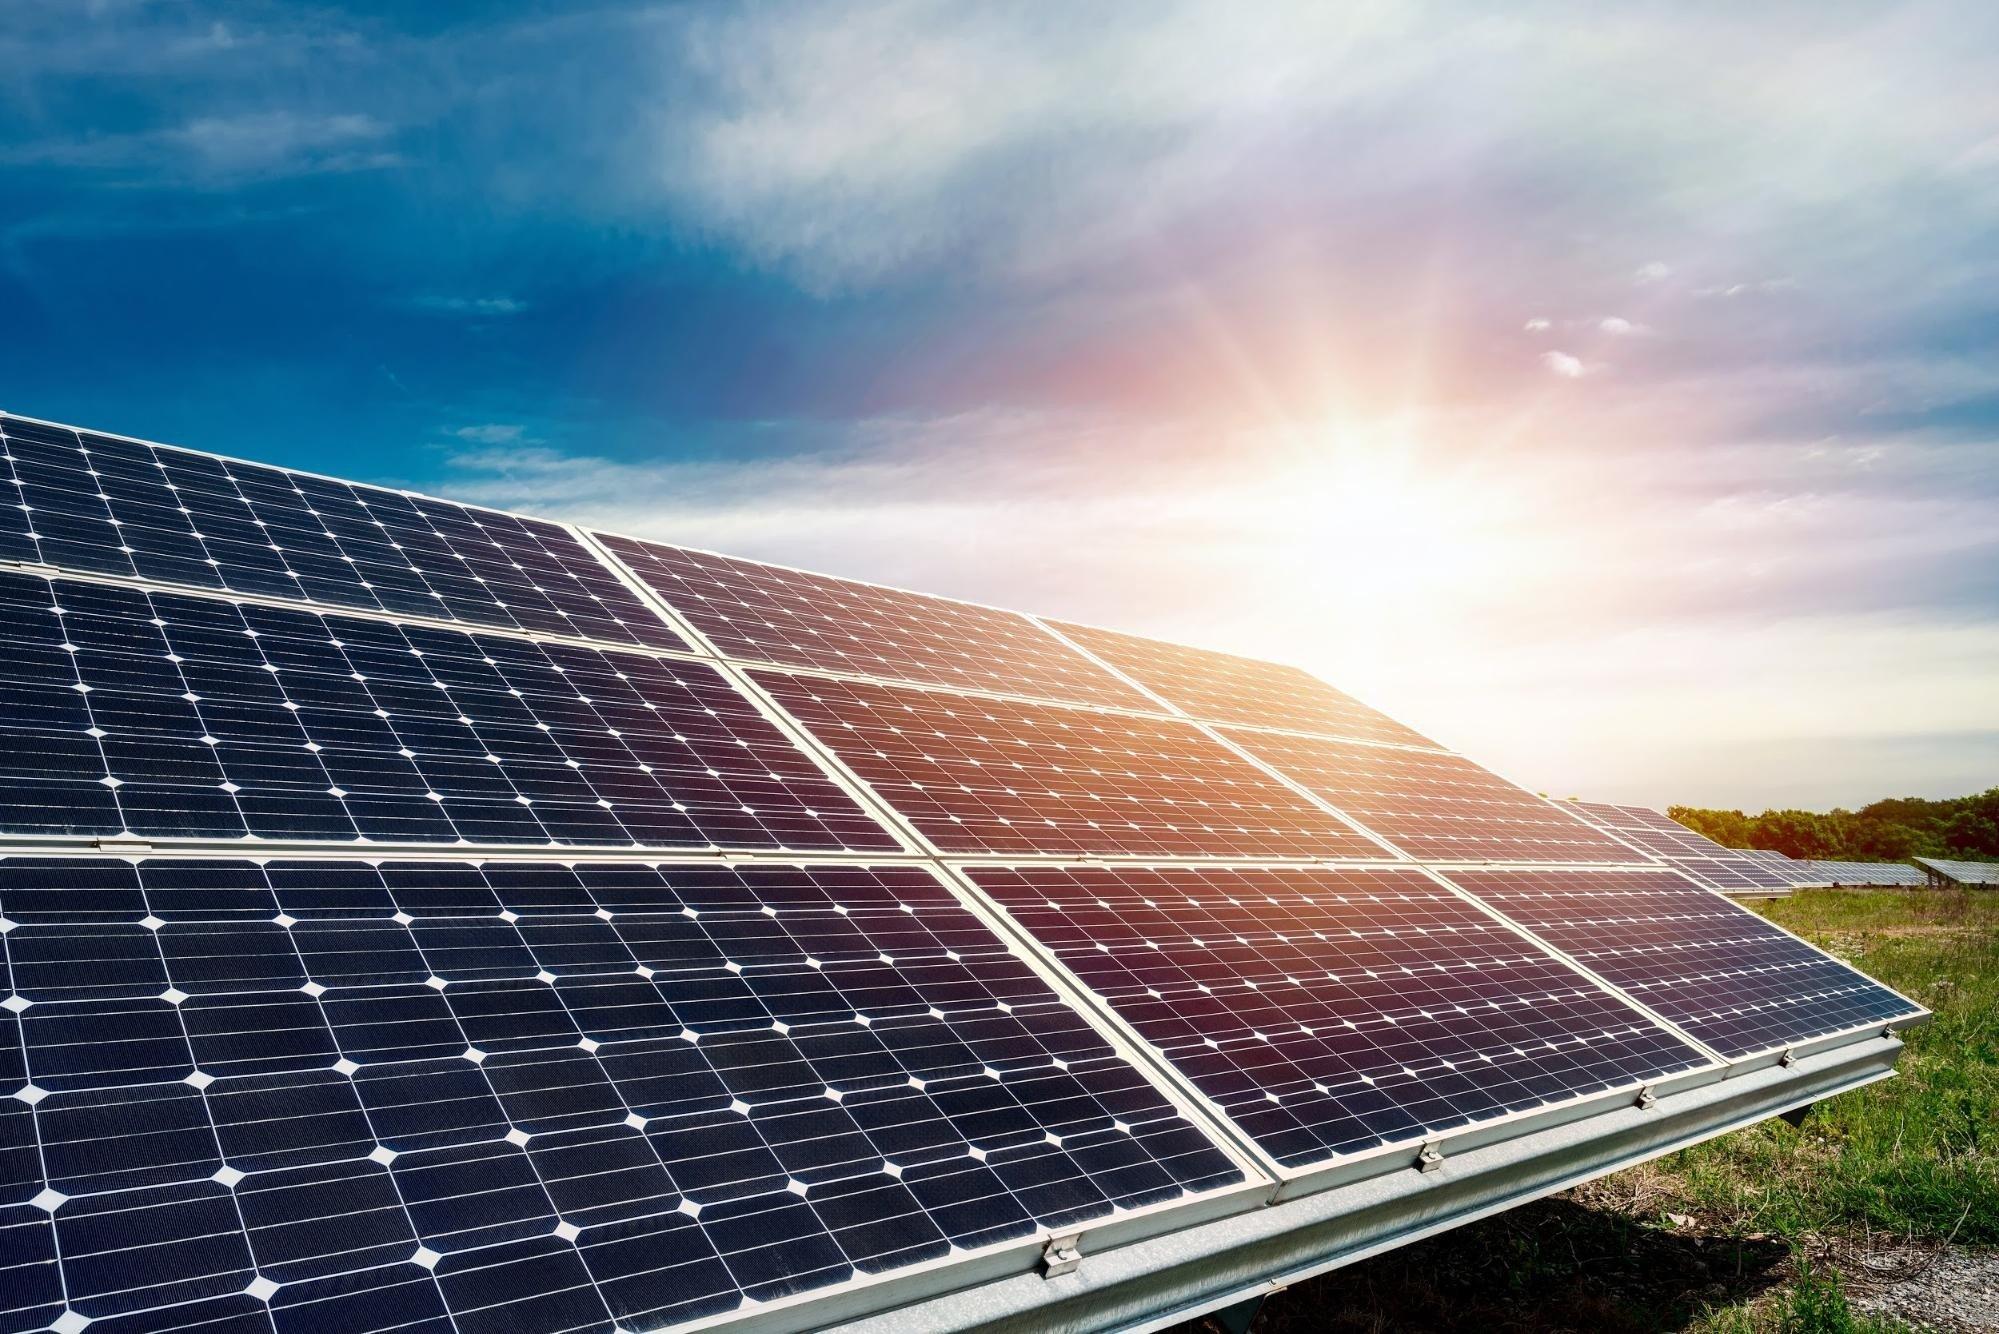 推動綠能發電的國家有哪些?